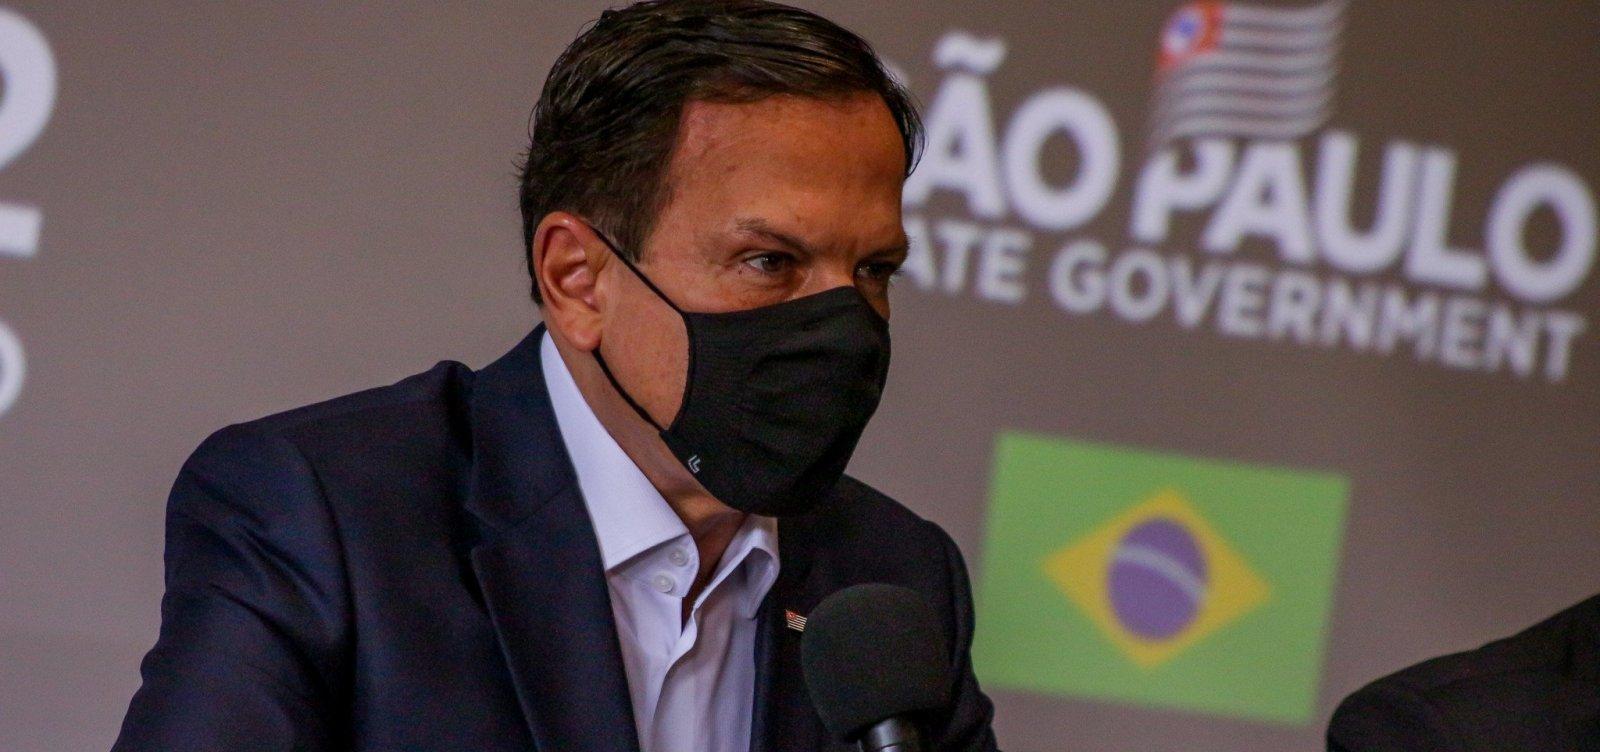 Após eleições, São Paulo volta para fase amarela do plano de reabertura da economia